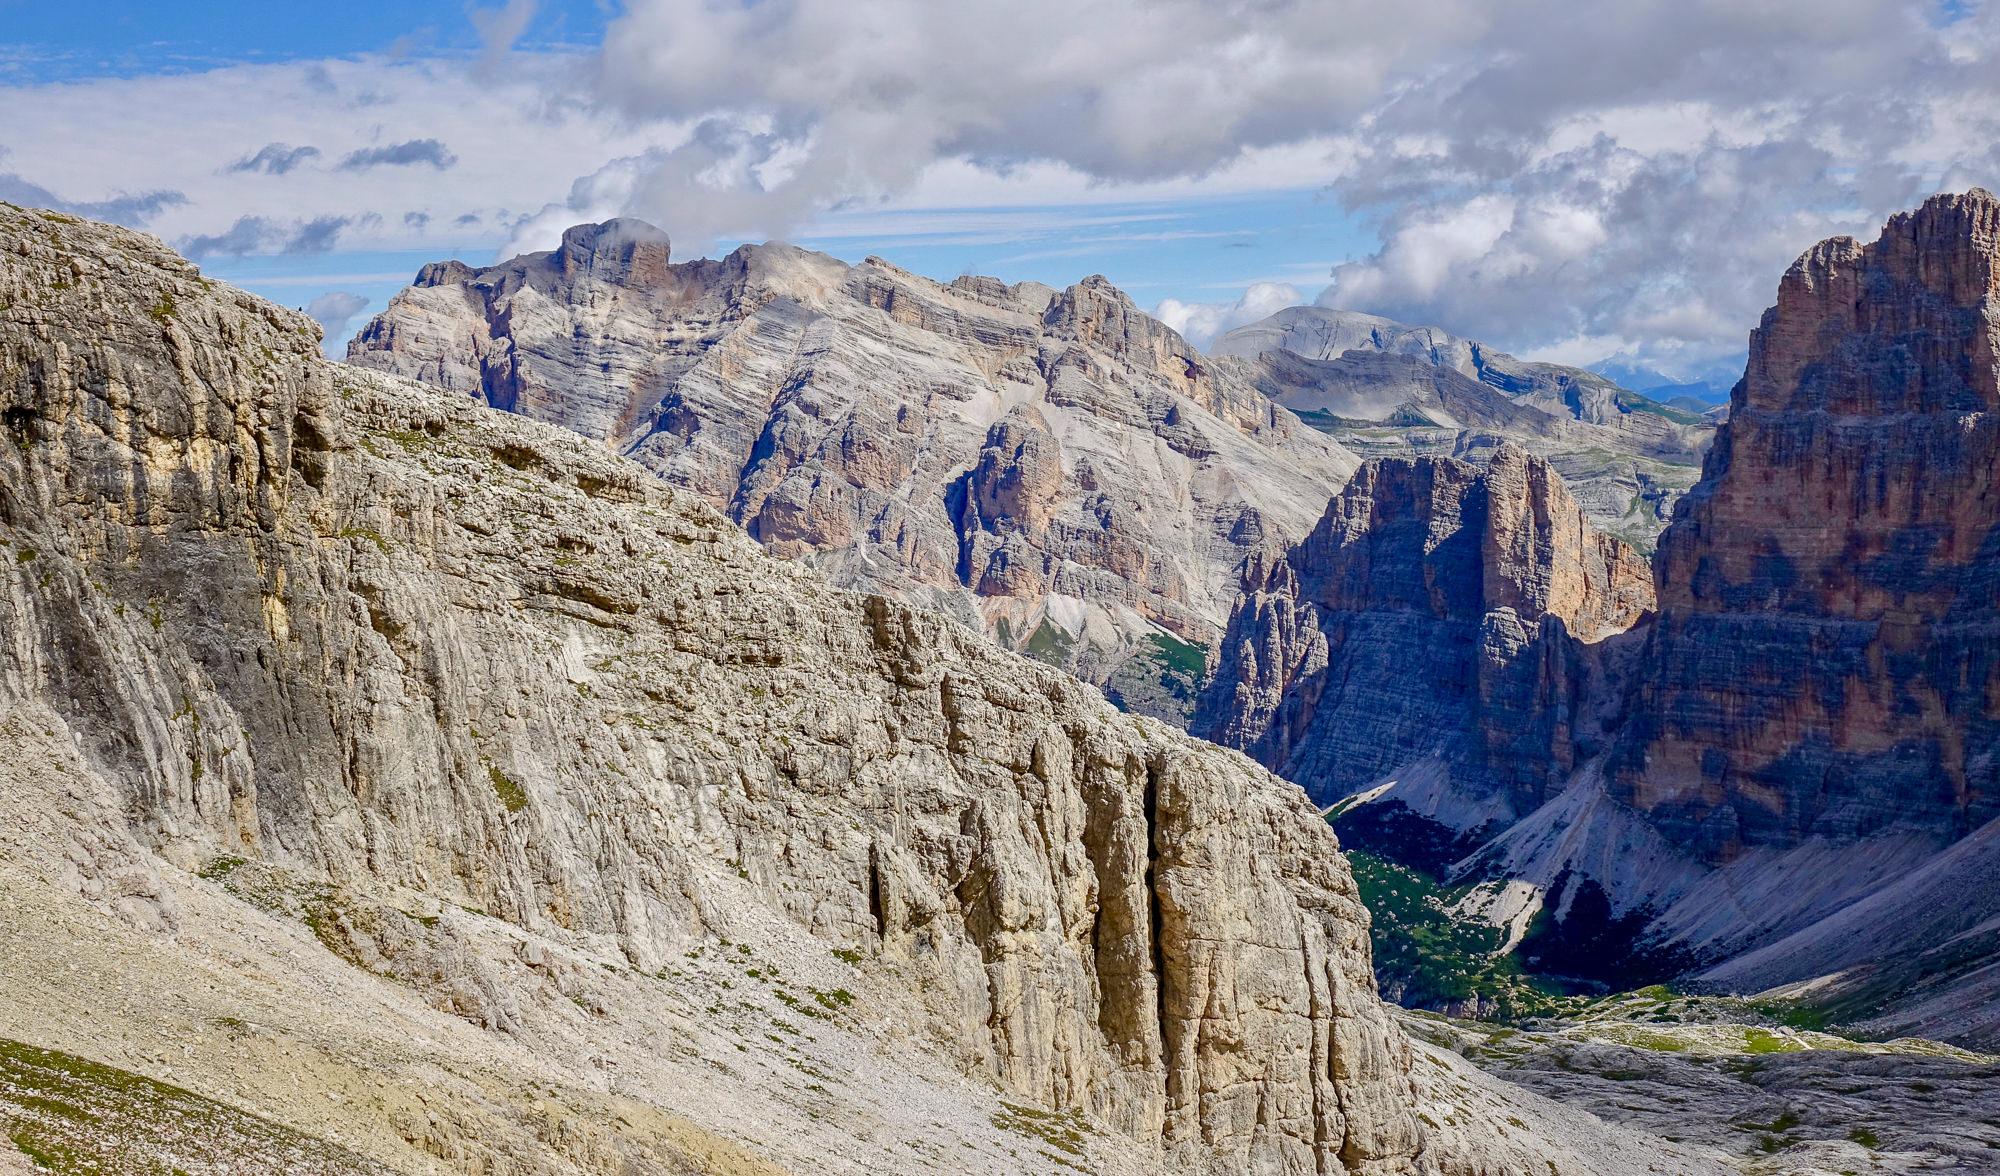 Lagazuoi Dolomites trail